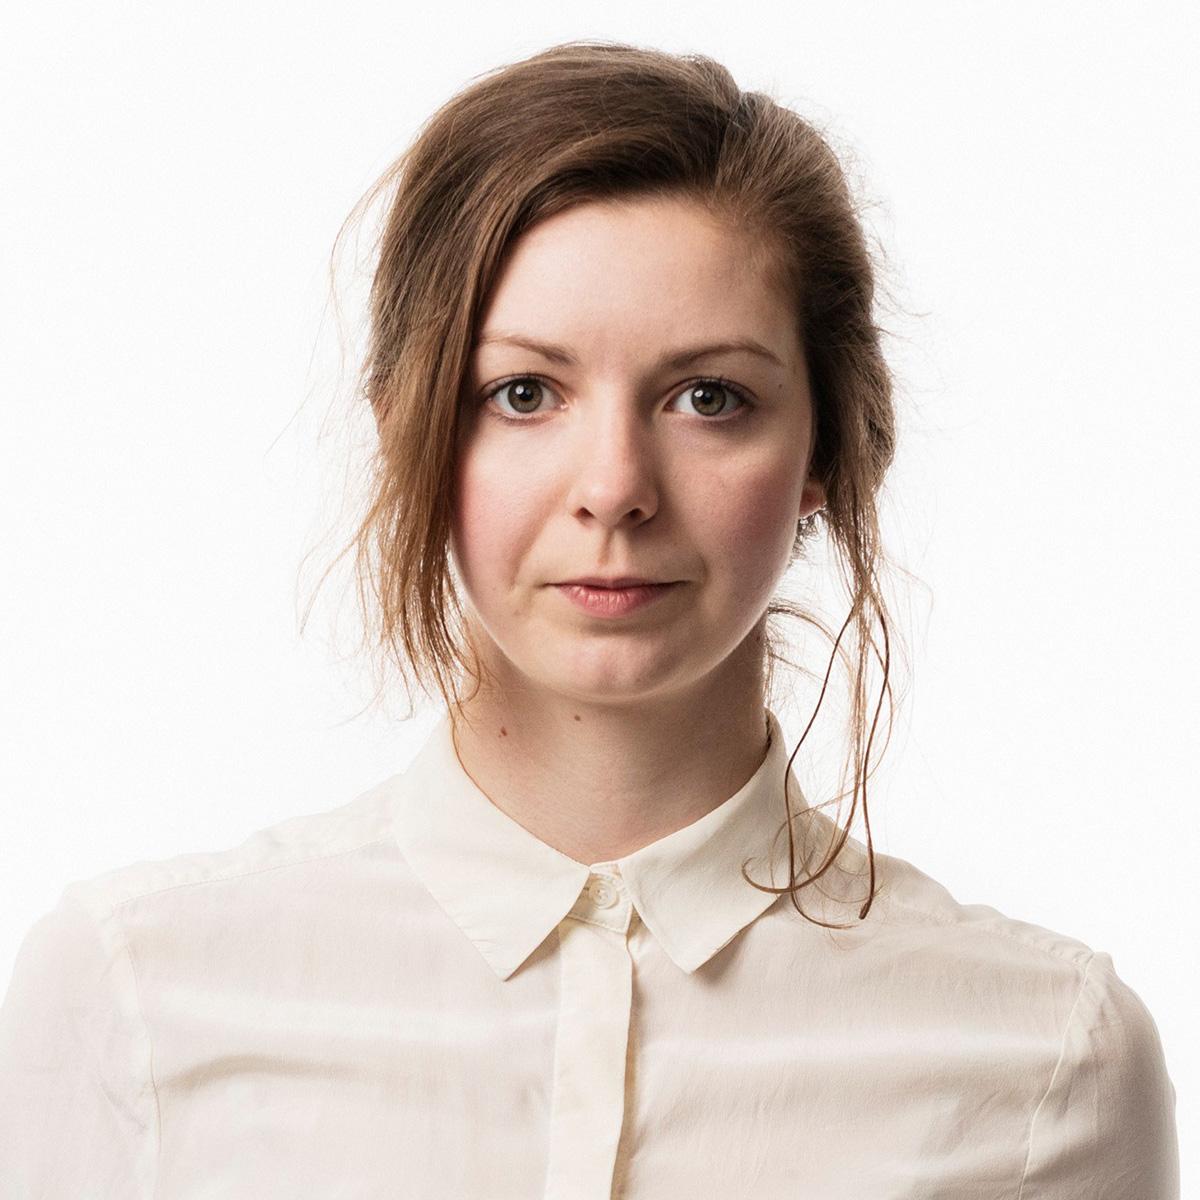 Emelie Rosén